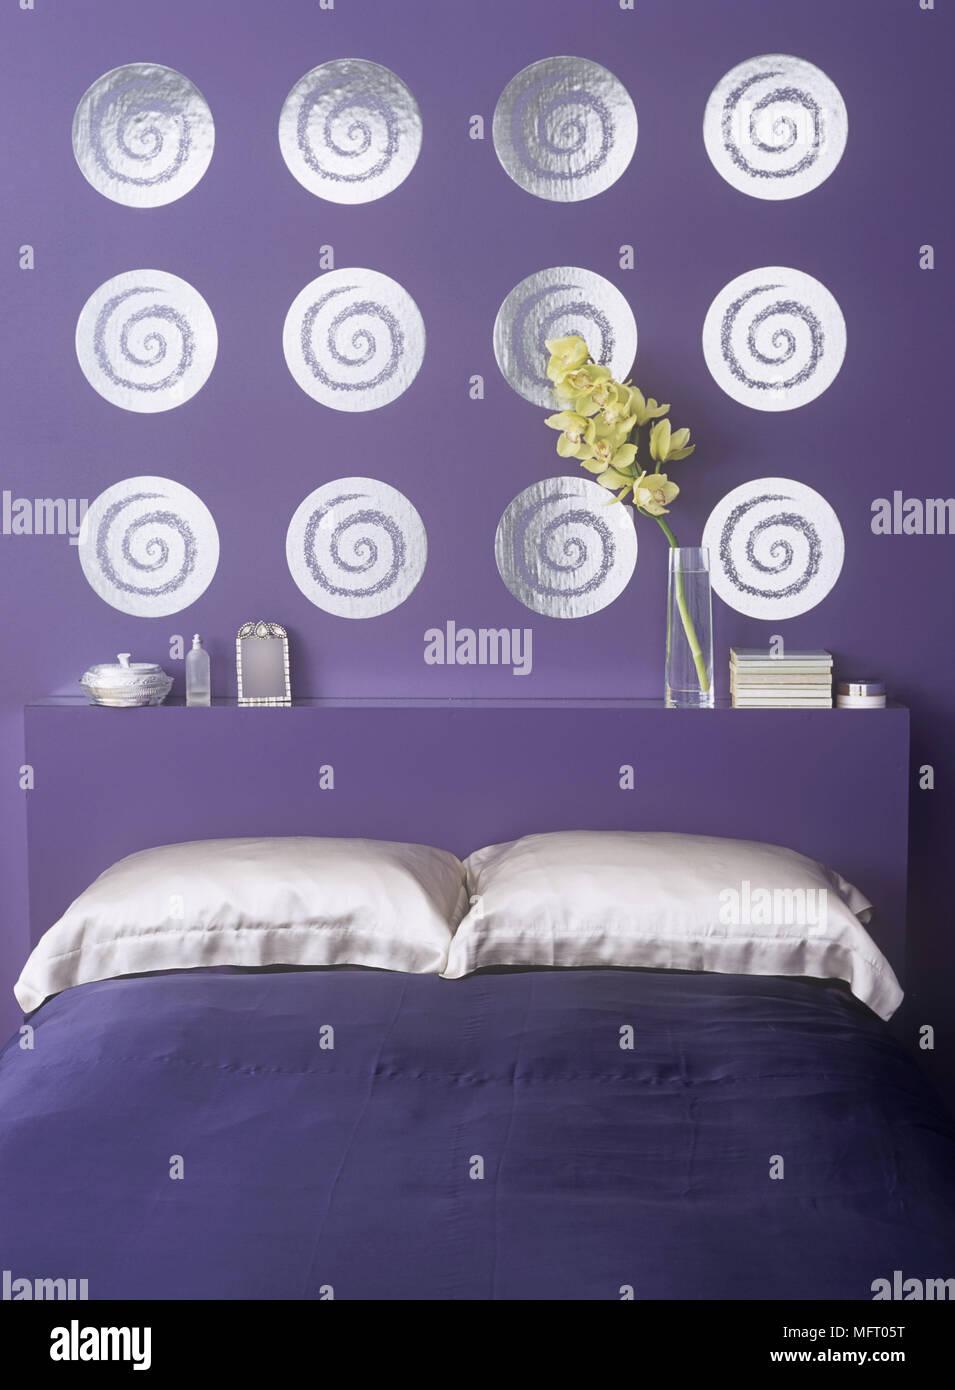 Mur Violet Argent Circulaire Avec Plateau De Travail De L Art A